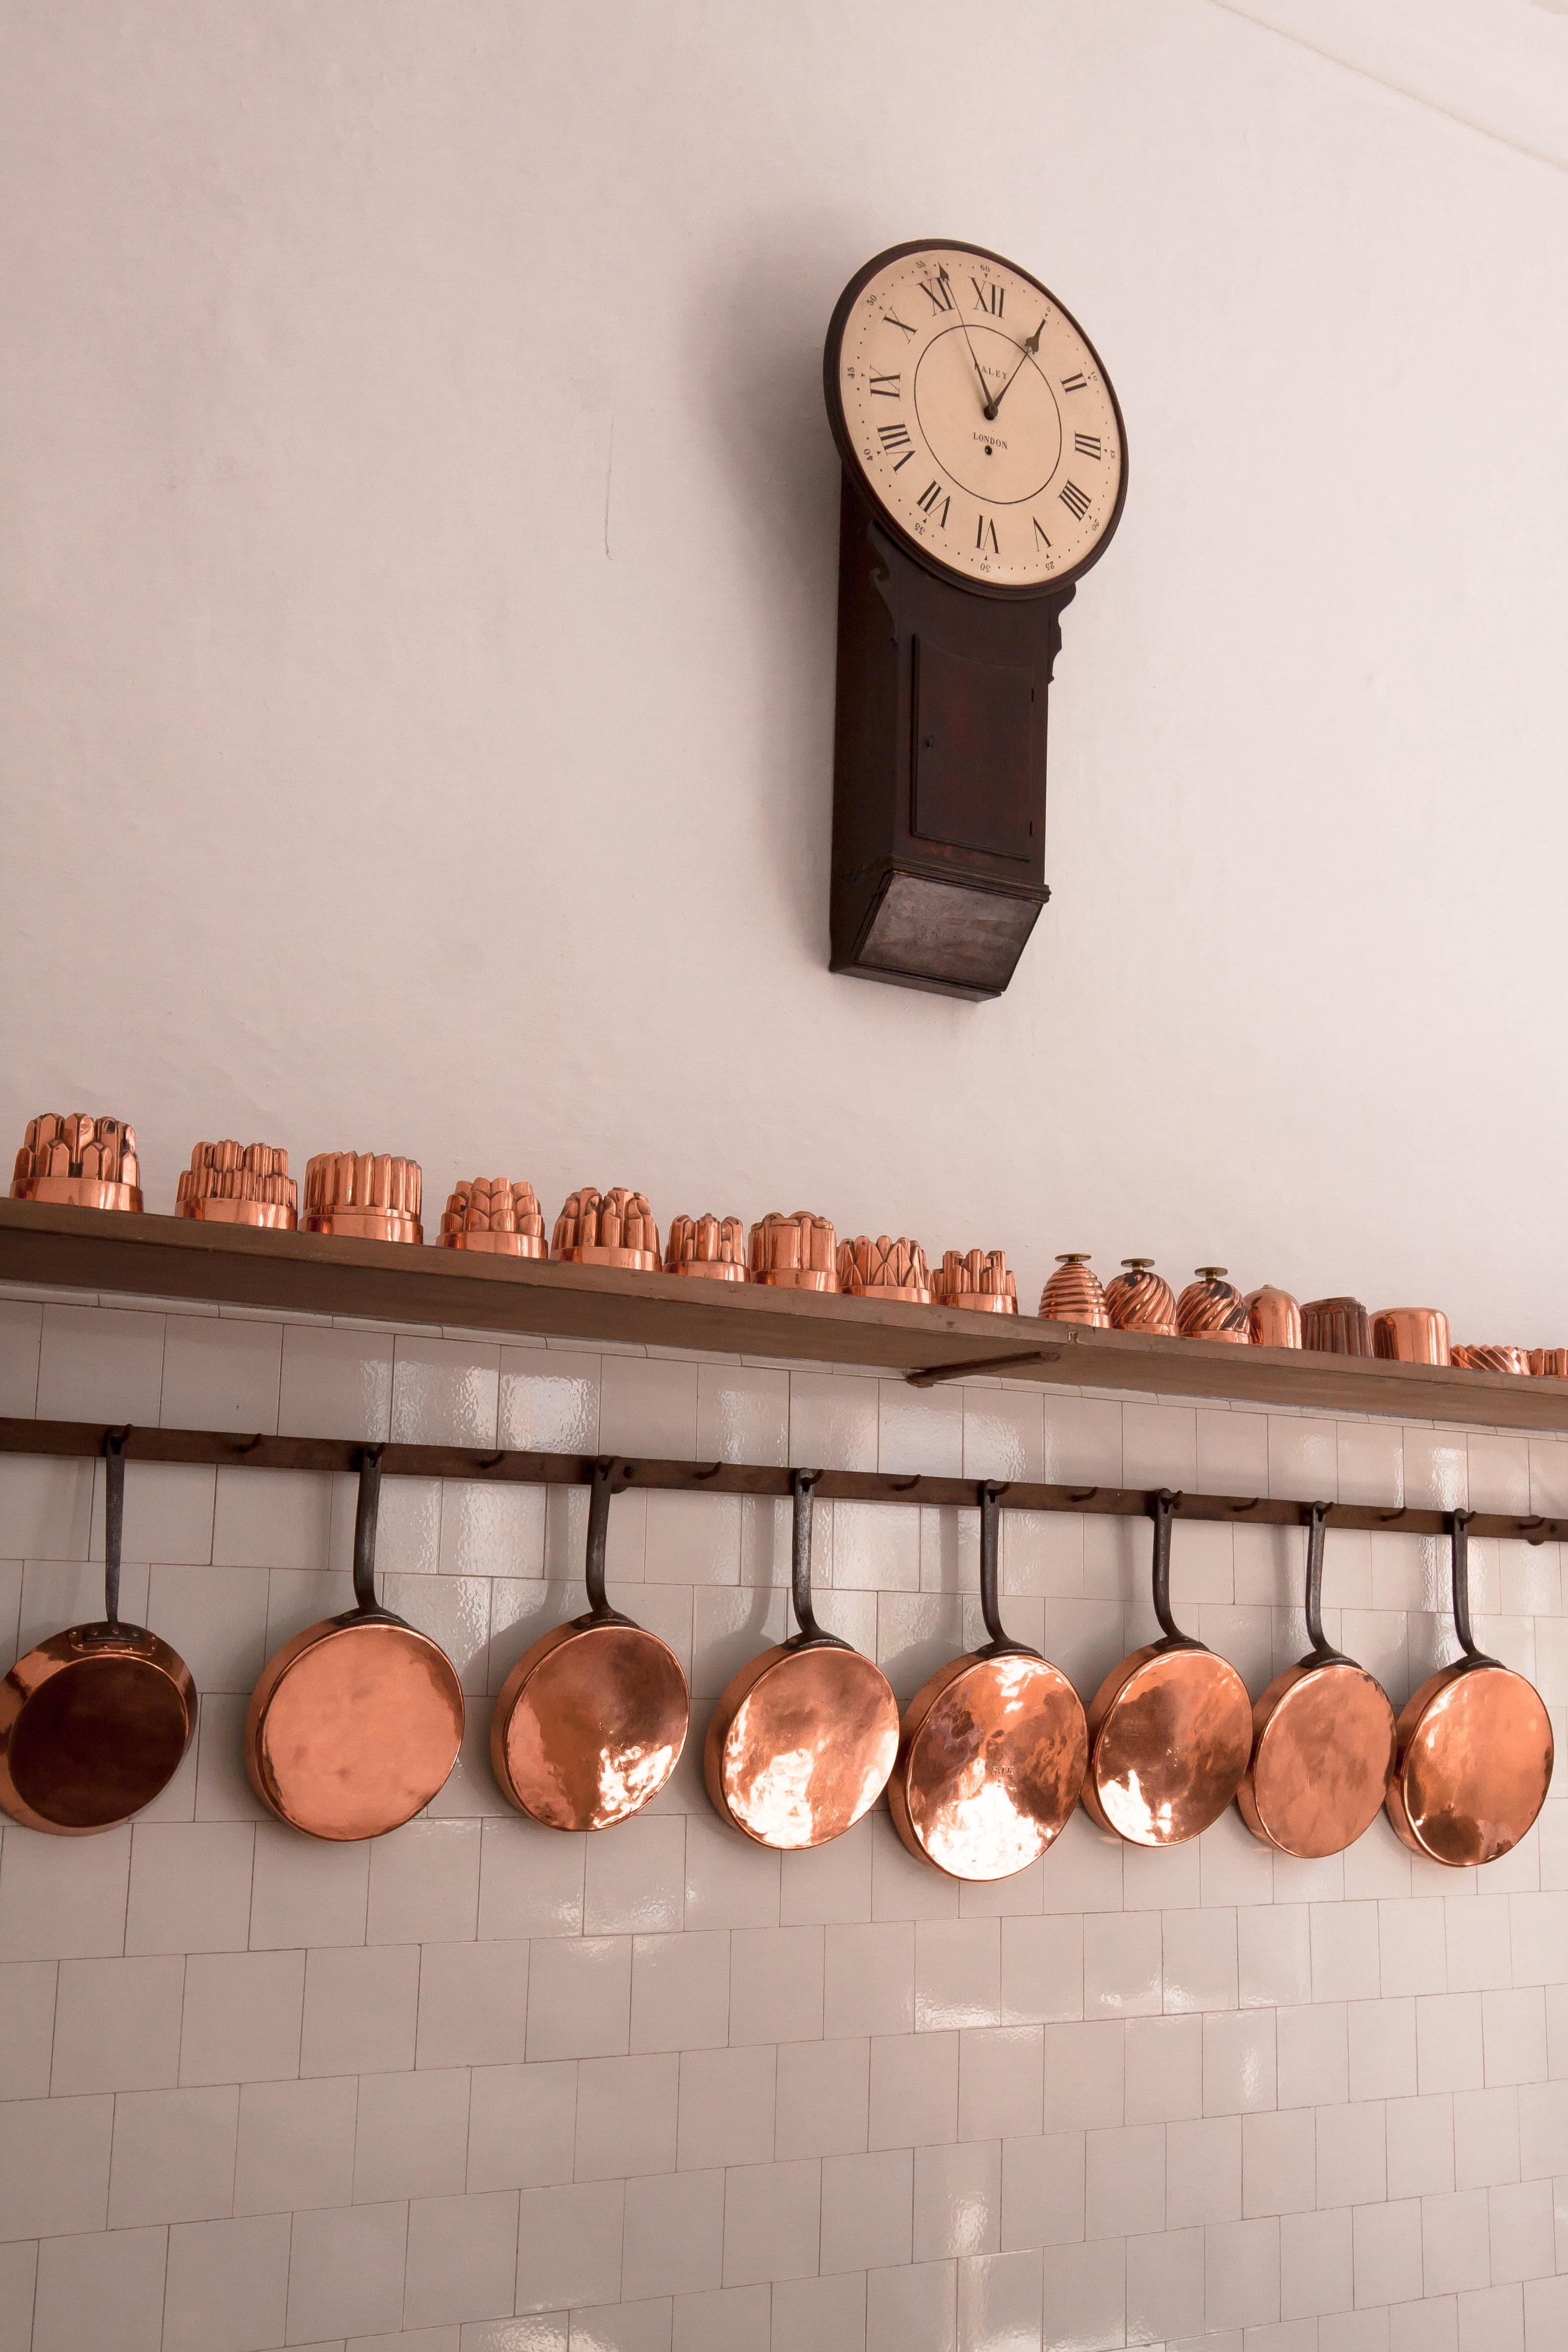 Sidste nye Gratis billeder : hånd, træ, hvid, antik, ur, nummer, gammel, væg YQ-17